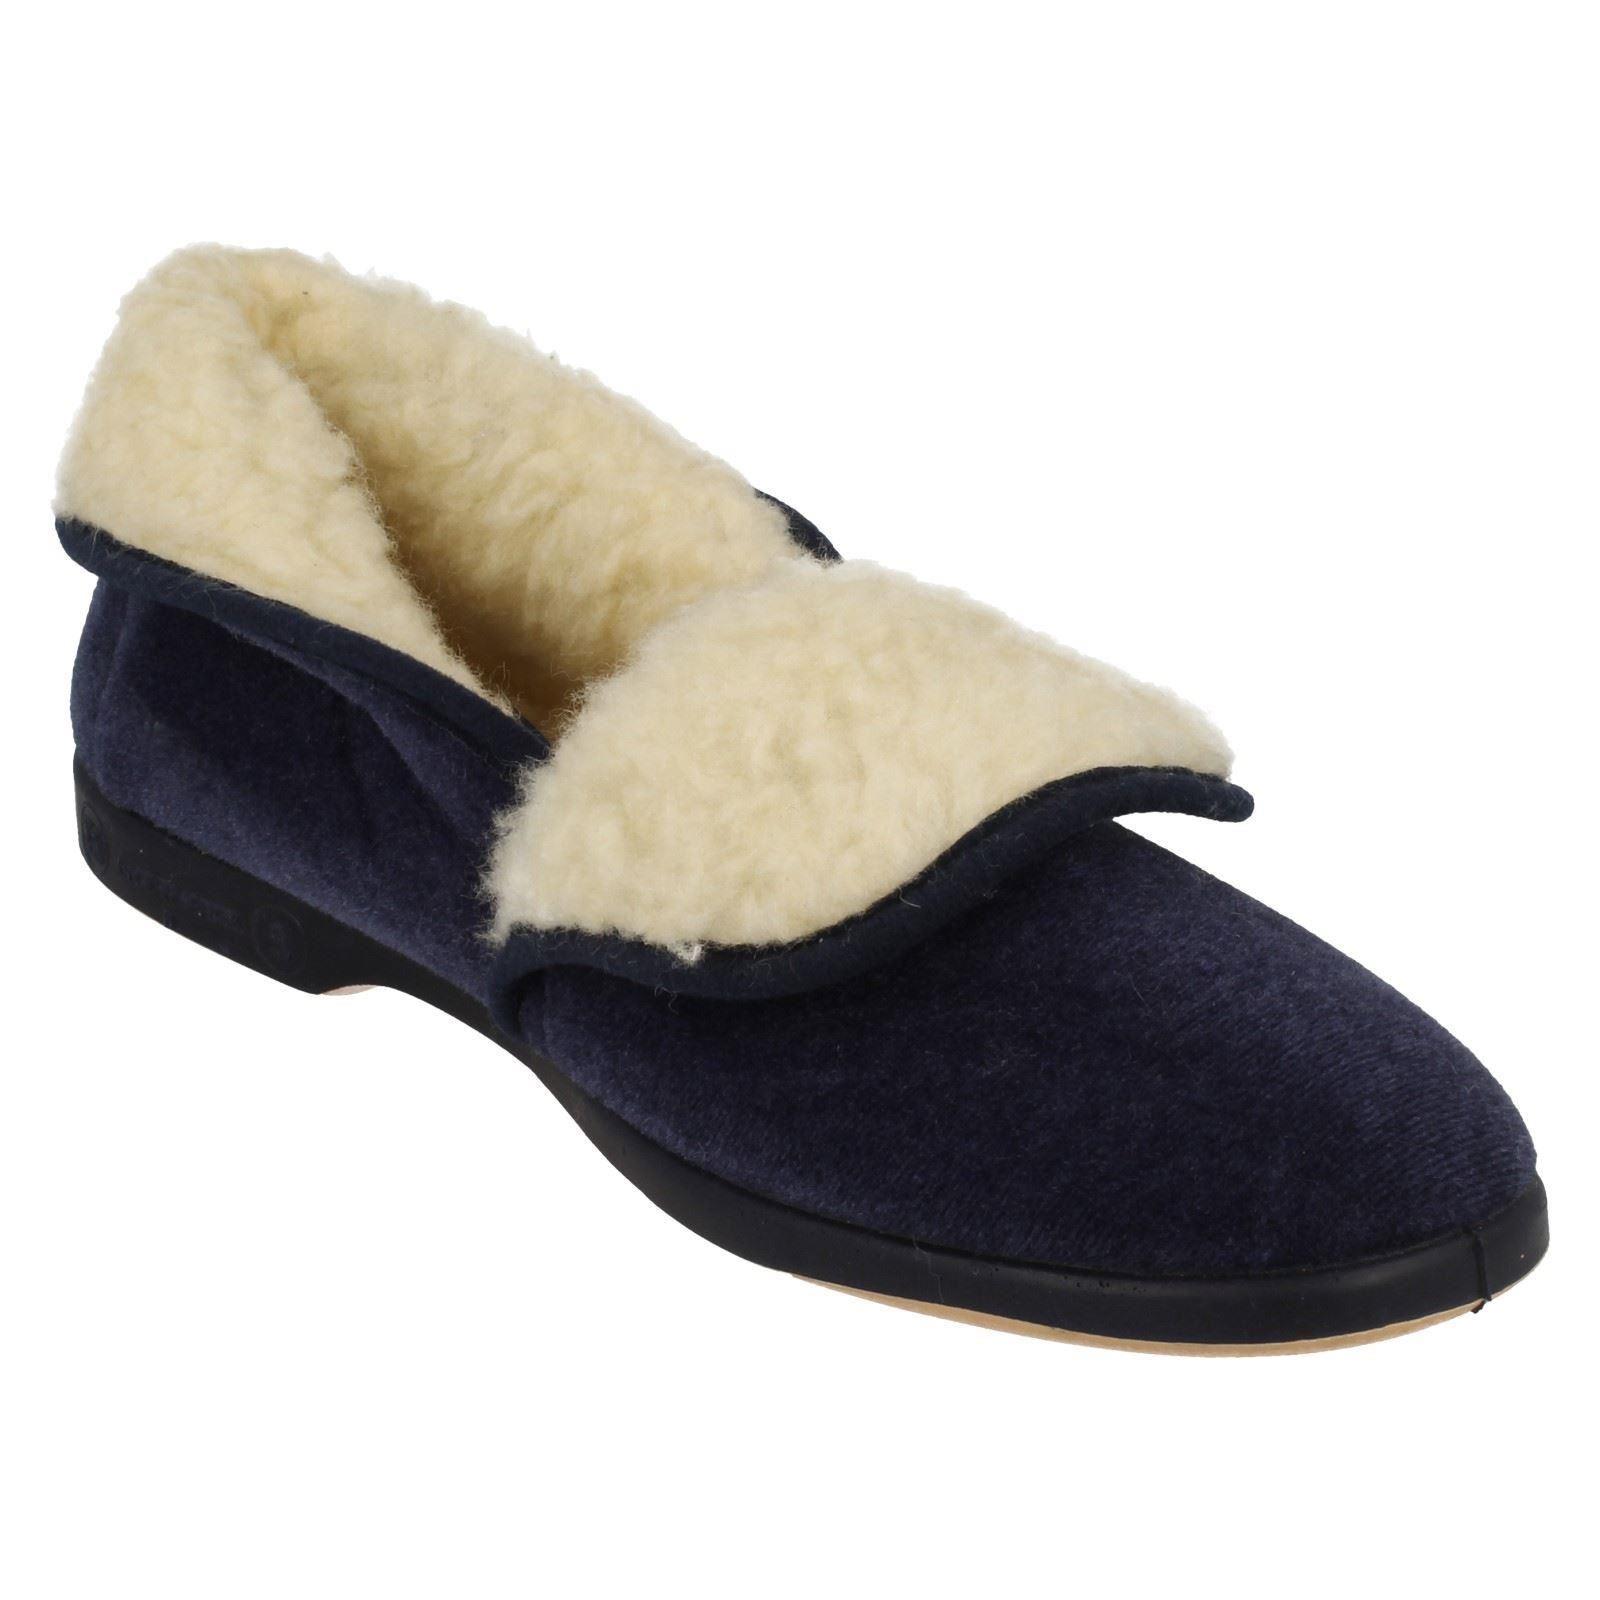 Señoras Zapatillas De Amor De Dama 4way